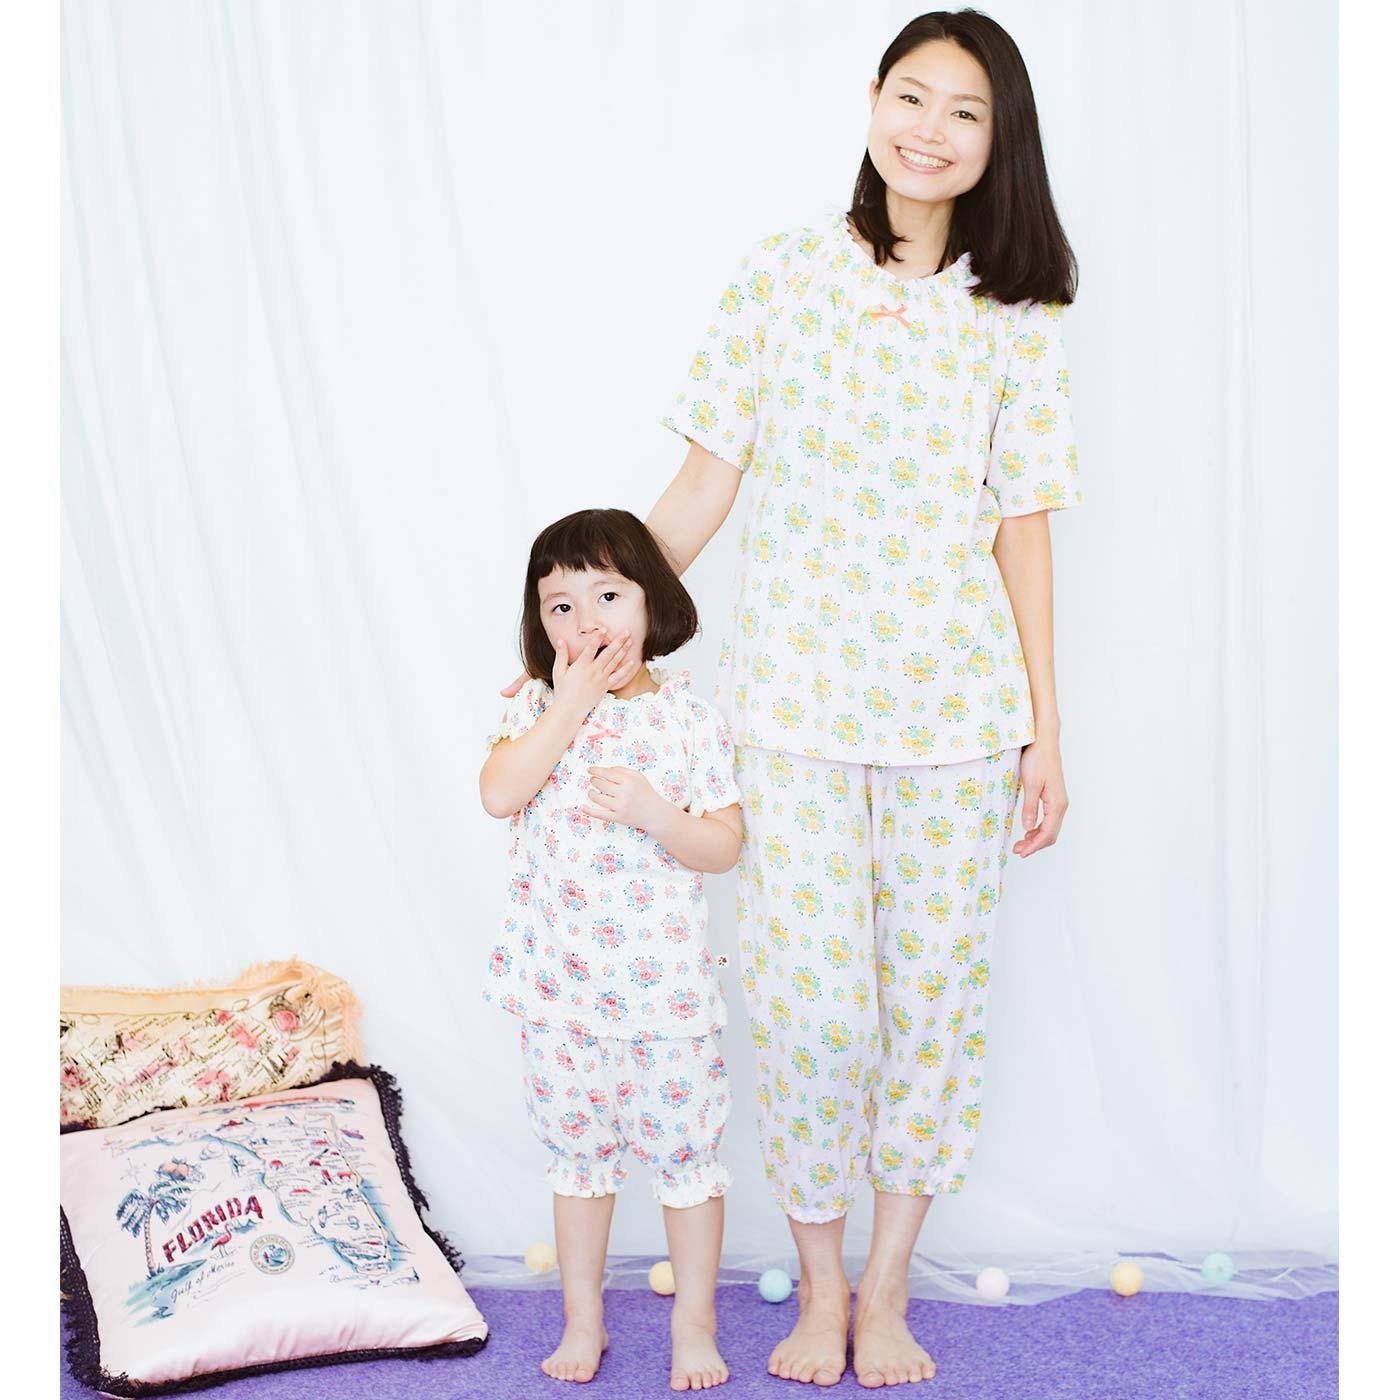 同じ柄のガールズパジャマで親子おそろい。